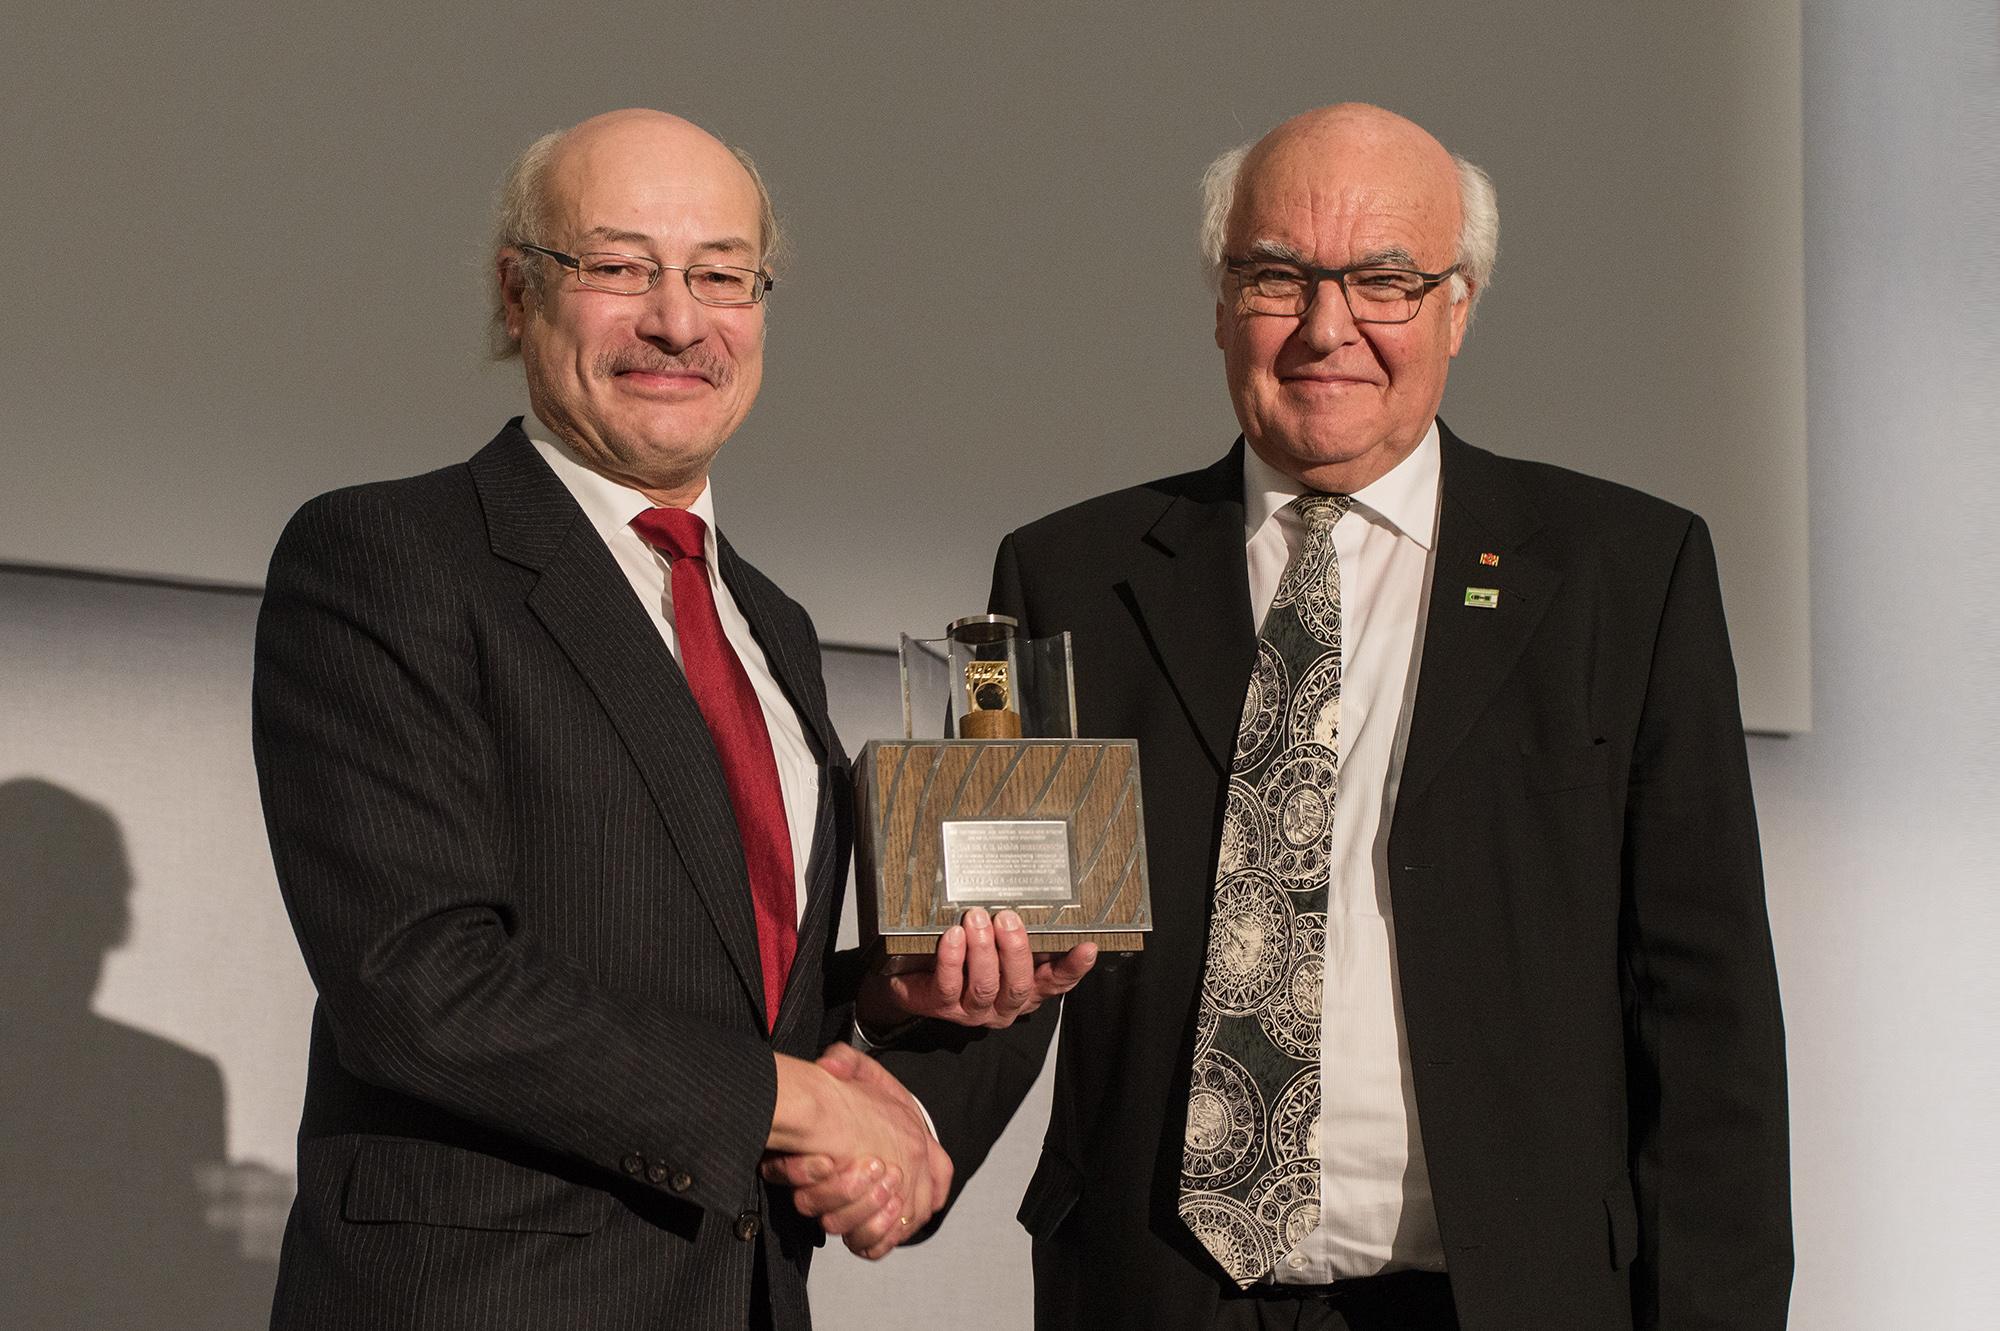 Prof. Dr. Joachim Ullrich, Vorsitzender des Stiftungsrats der Stiftung Werner-von-Siemens-Ring, übergibt die traditionsreiche Ring-Auszeichnung an Tunnelpionier Dr.-Ing. E.h. Martin Herrenknecht.